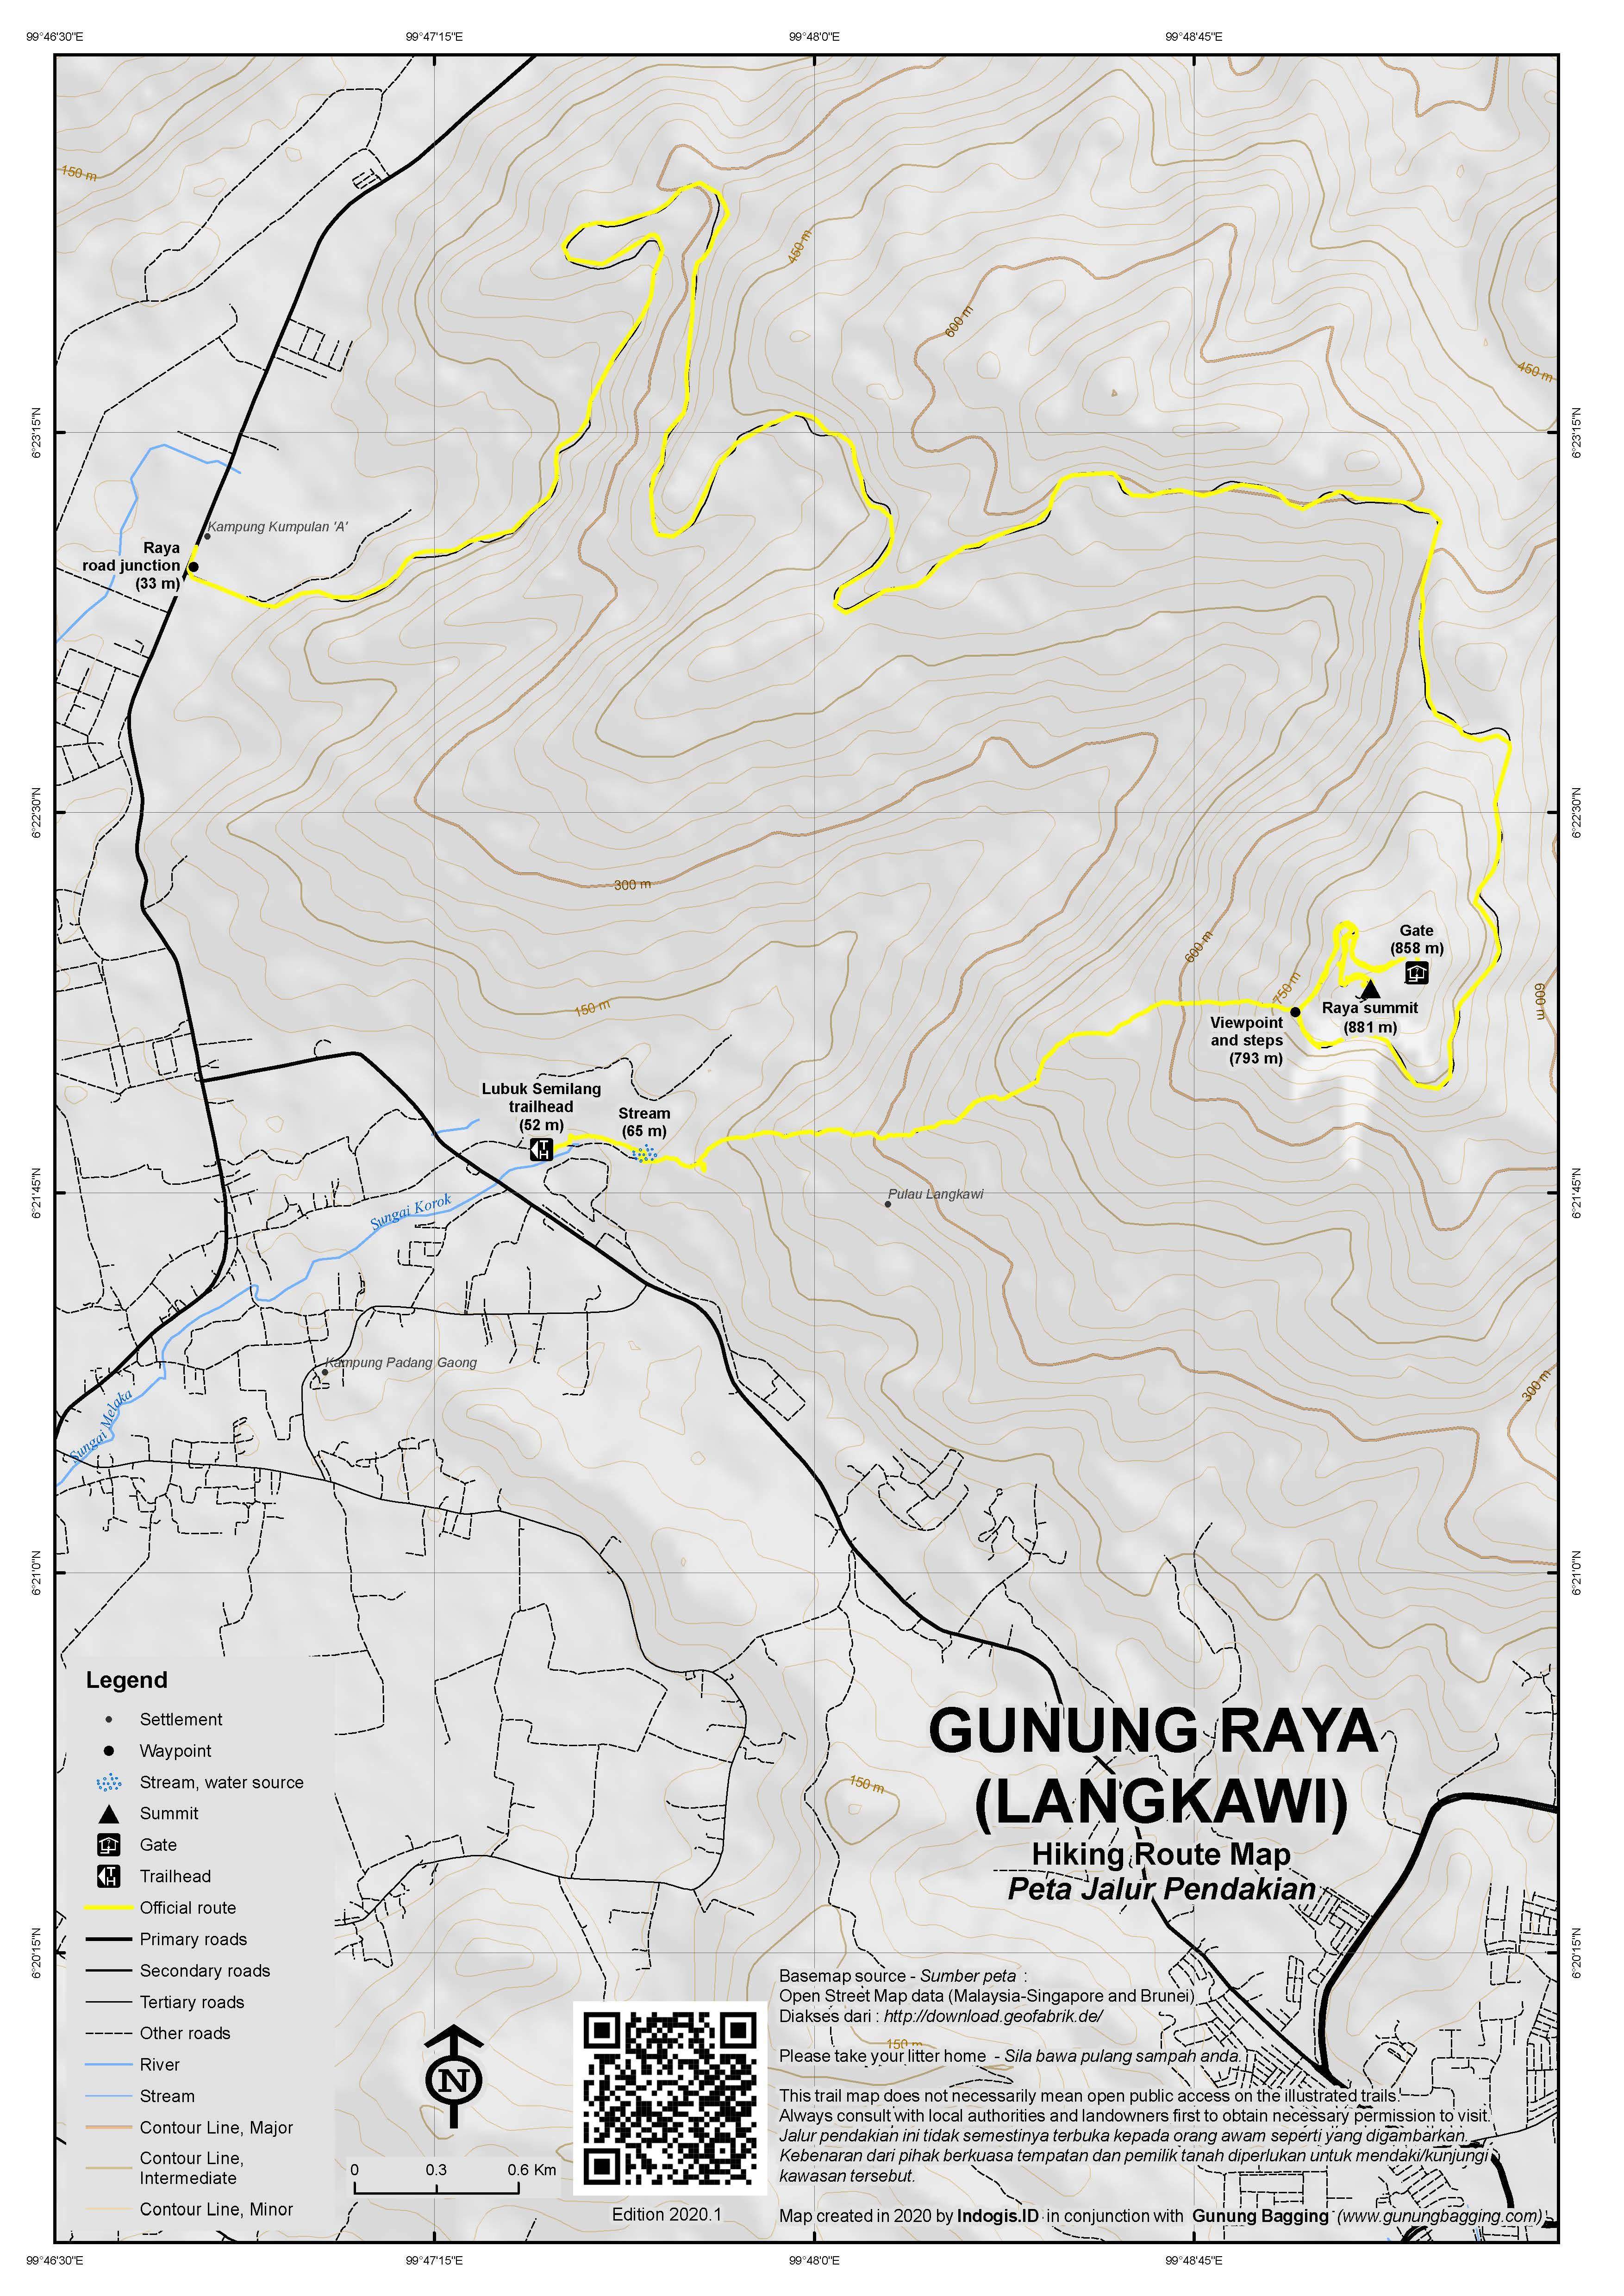 Peta Jalur Pendakian Gunung Raya (Langkawi)